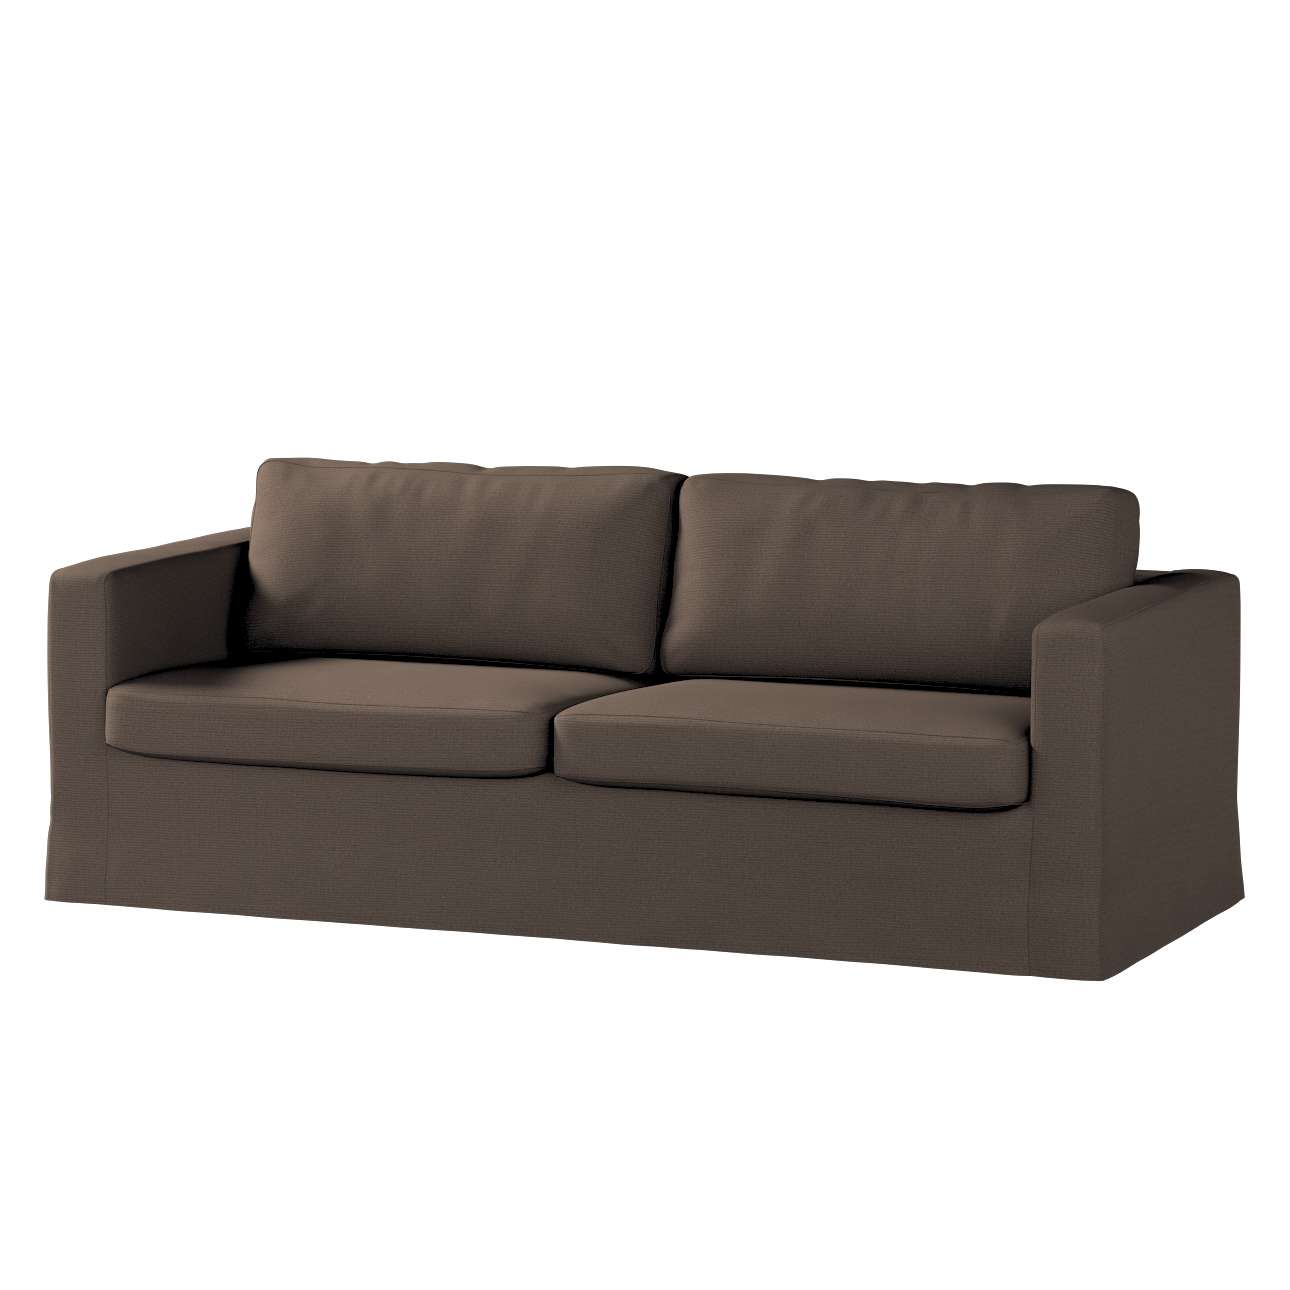 Karlstad trivietės sofos užvalkalas (ilgas, iki žemės) Karlstad trivietės sofos užvalkalas (ilgas, iki žemės) kolekcijoje Etna , audinys: 705-08